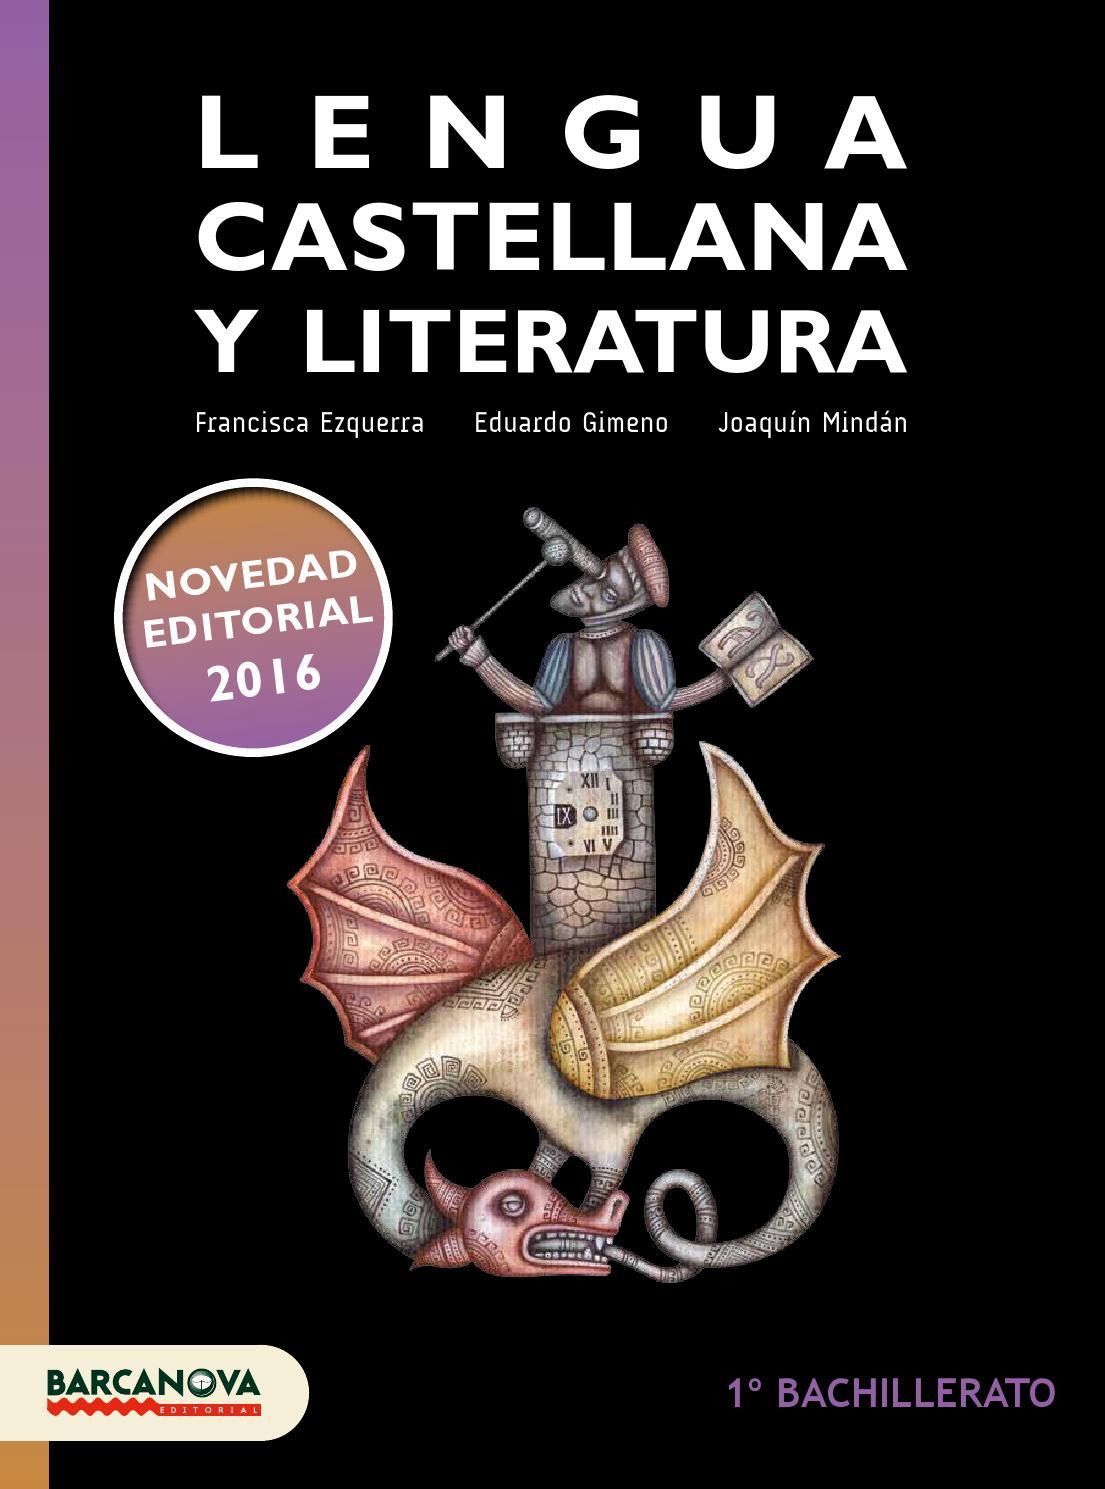 LENGUA CASTELLANA Y LITERATURA. 1º Bachillerato by